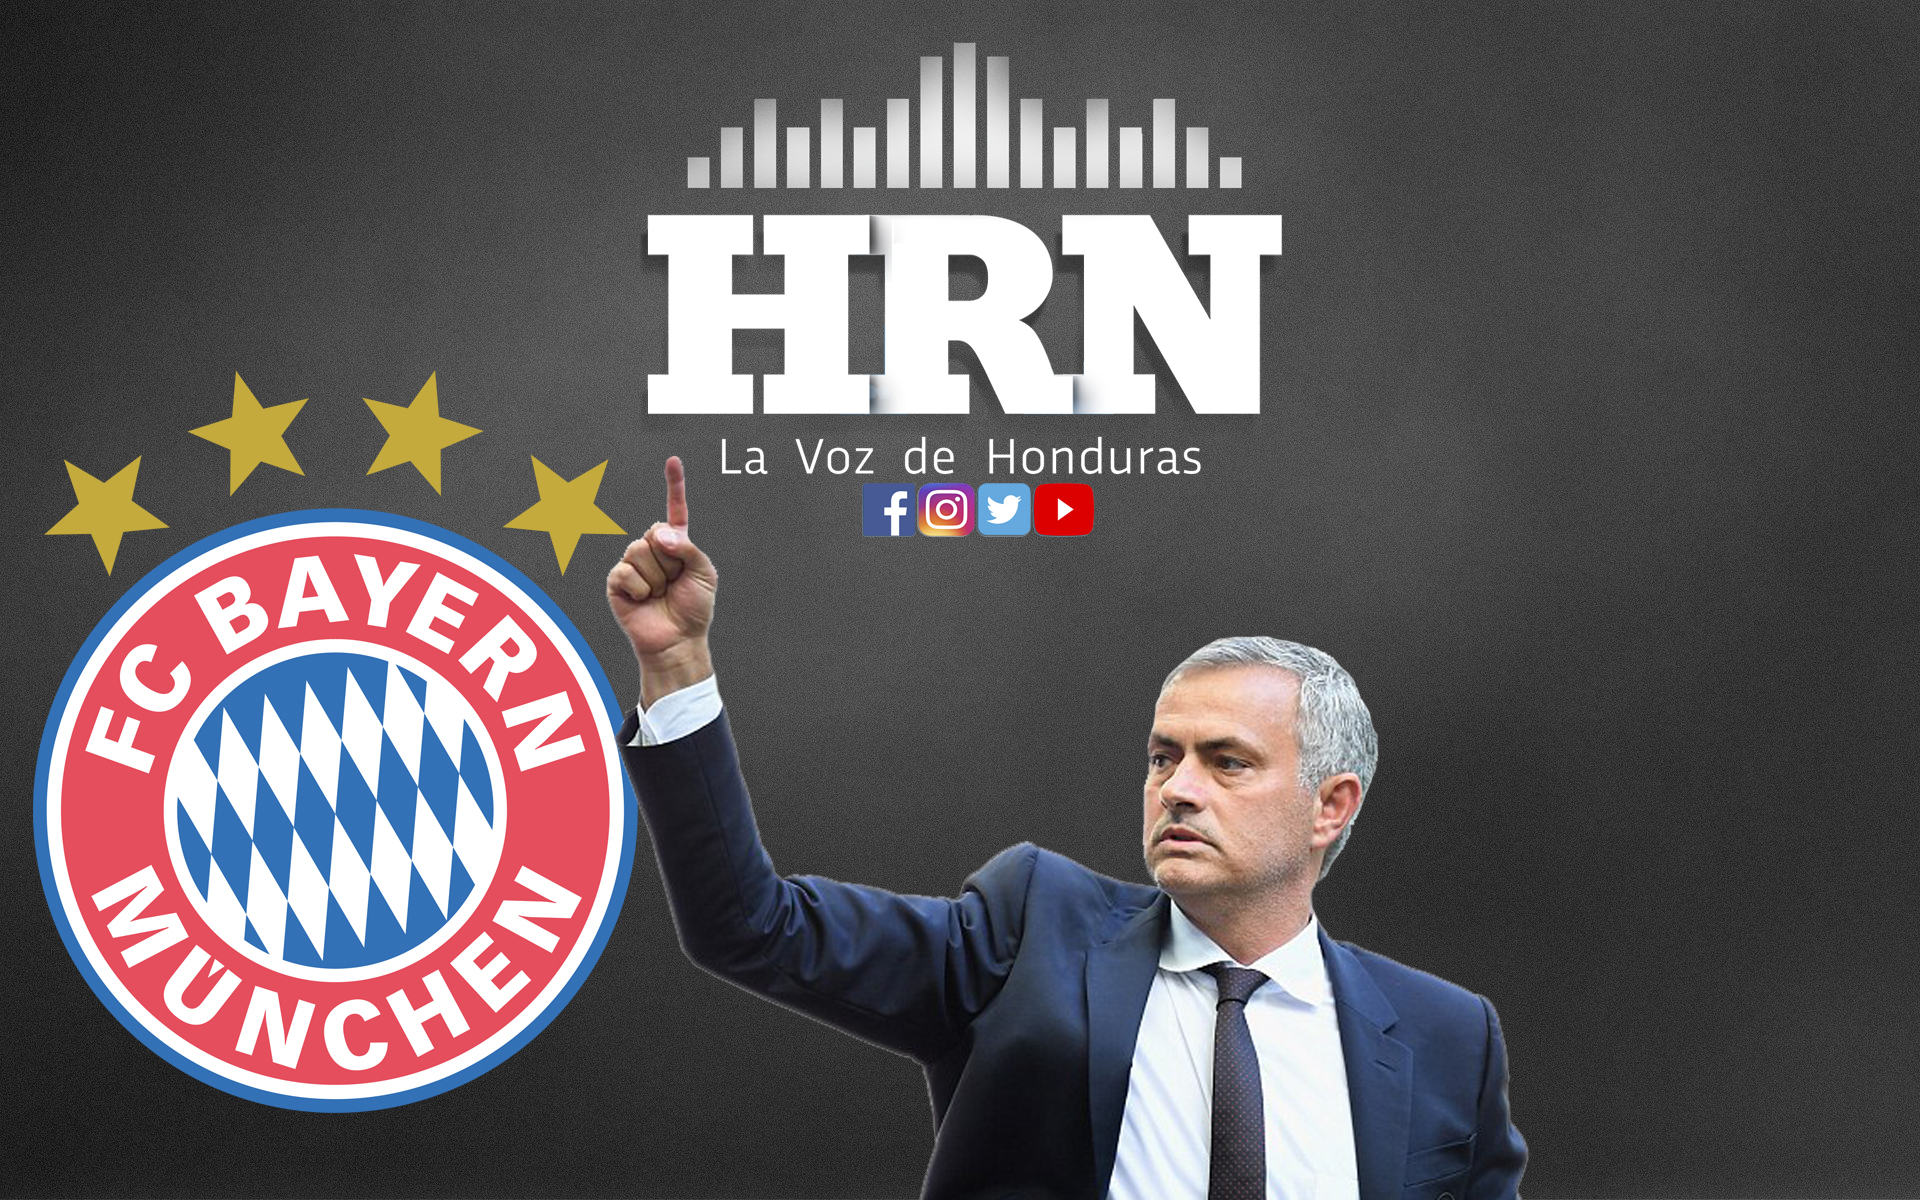 Según nuevas informaciones Mourinho llegaría al Bayern